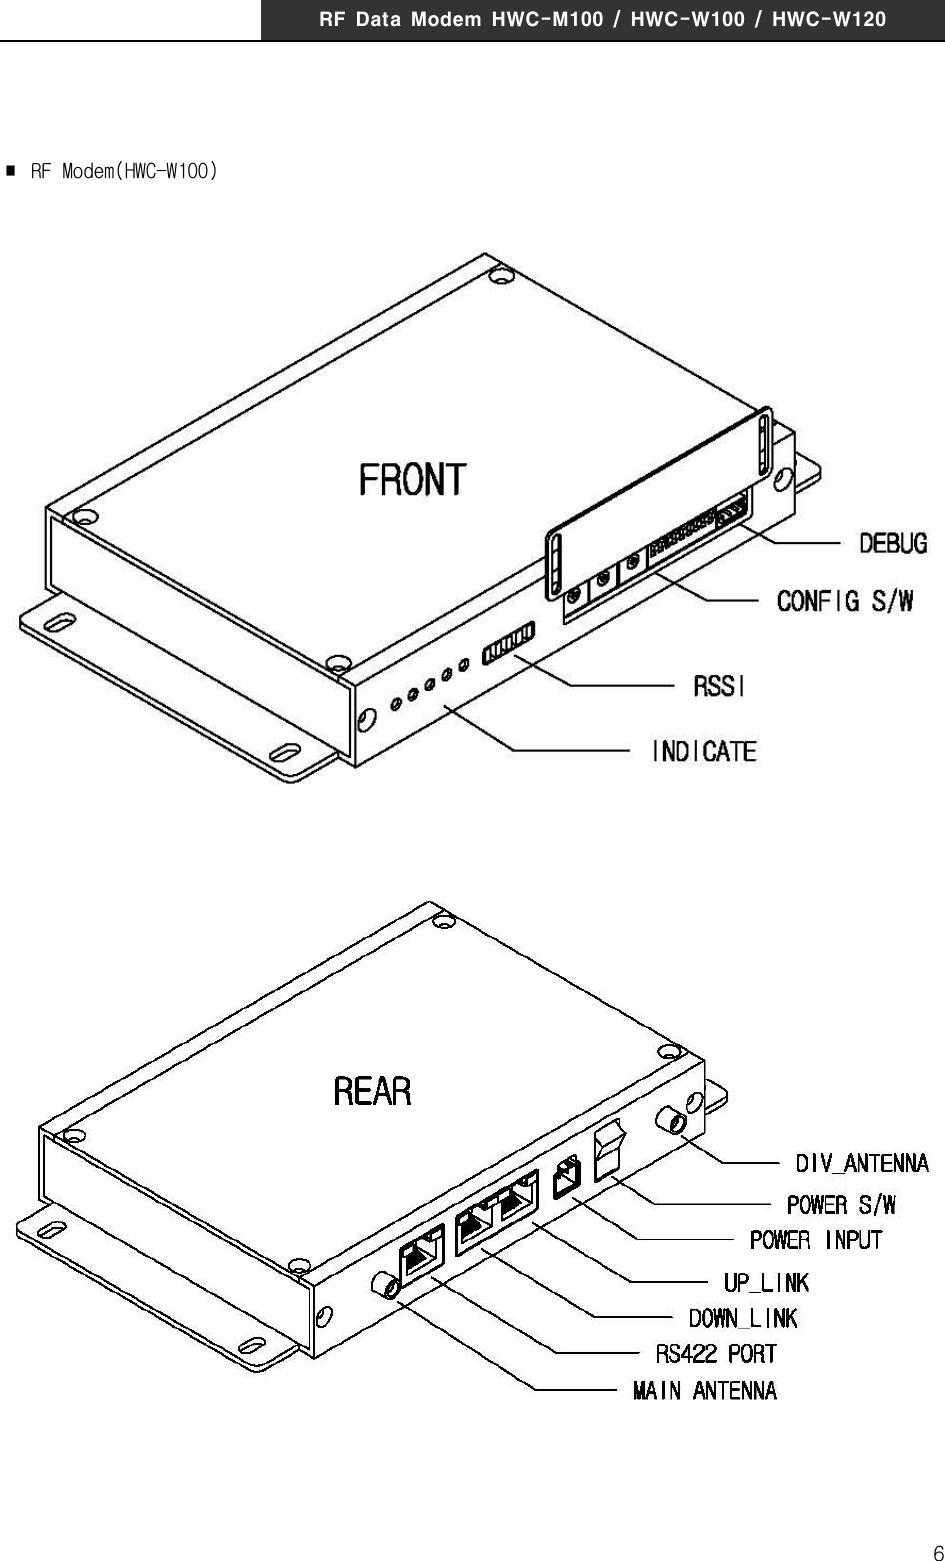 HYUNDAI ELEVATOR HWC-W120 RF Data Modem HWC-W120 User